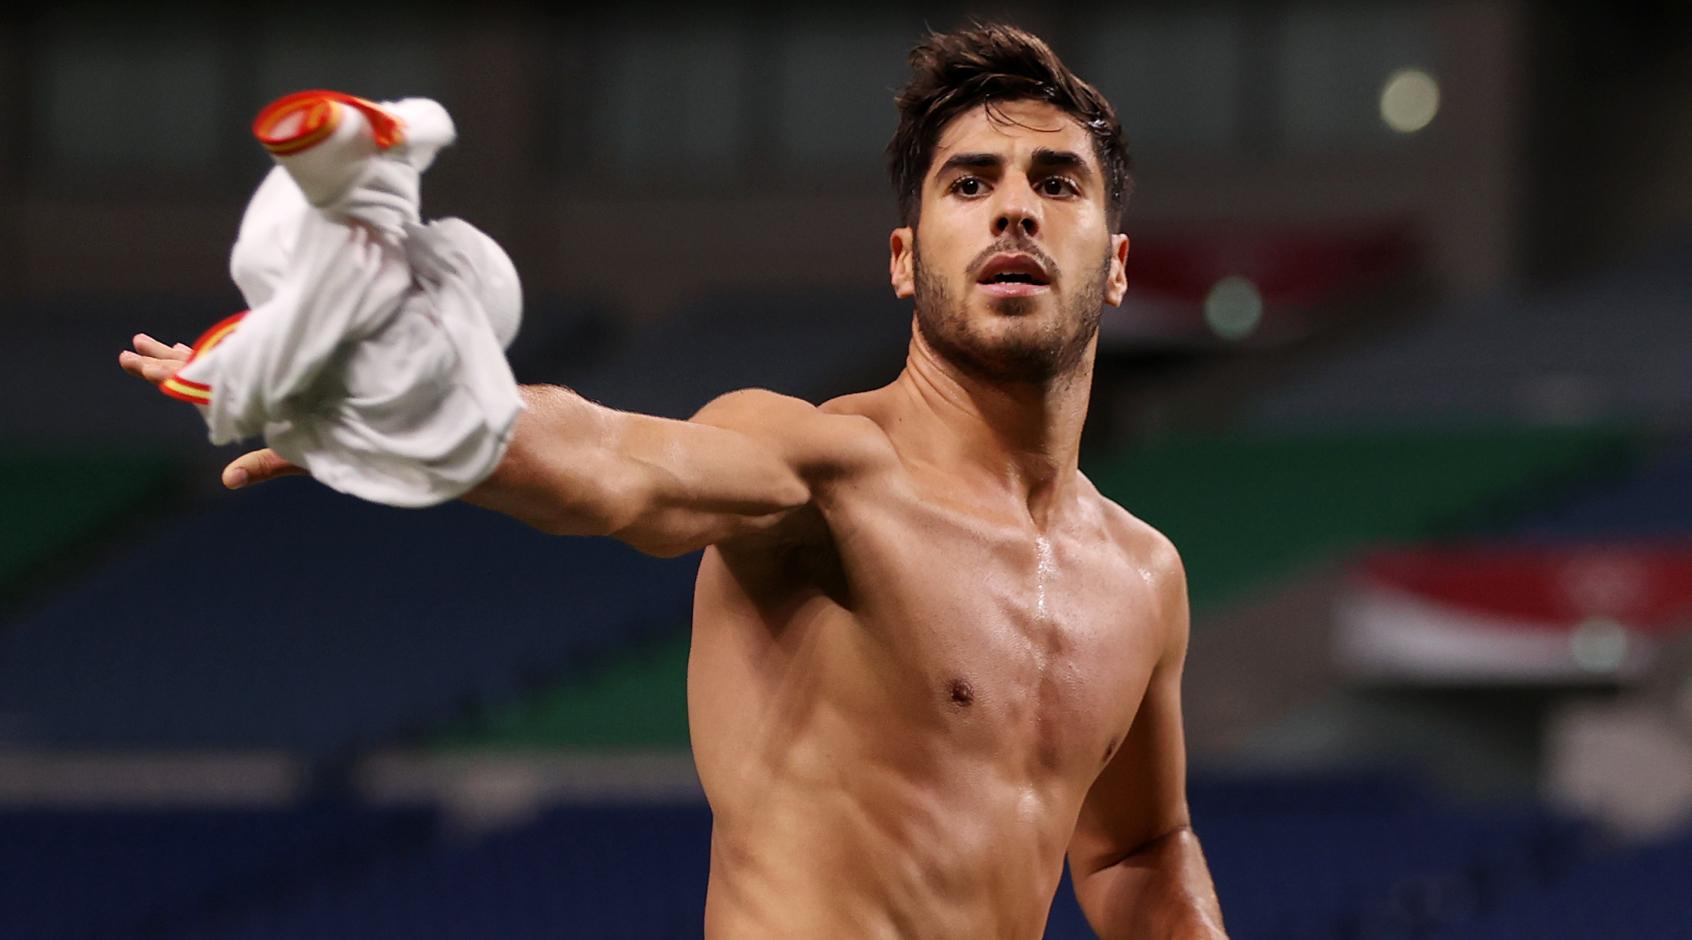 Сборная Испании - второй финалист Олимпиады